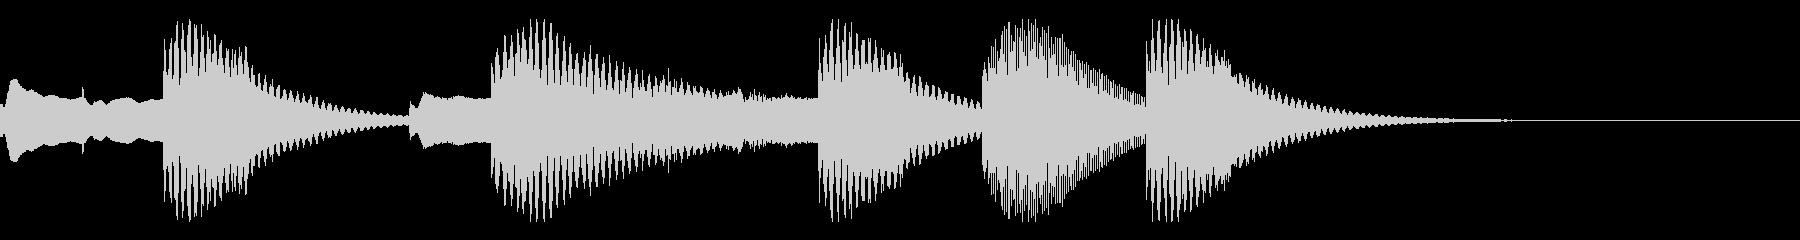 ほのぼのとしたかわいらしいジングルの未再生の波形